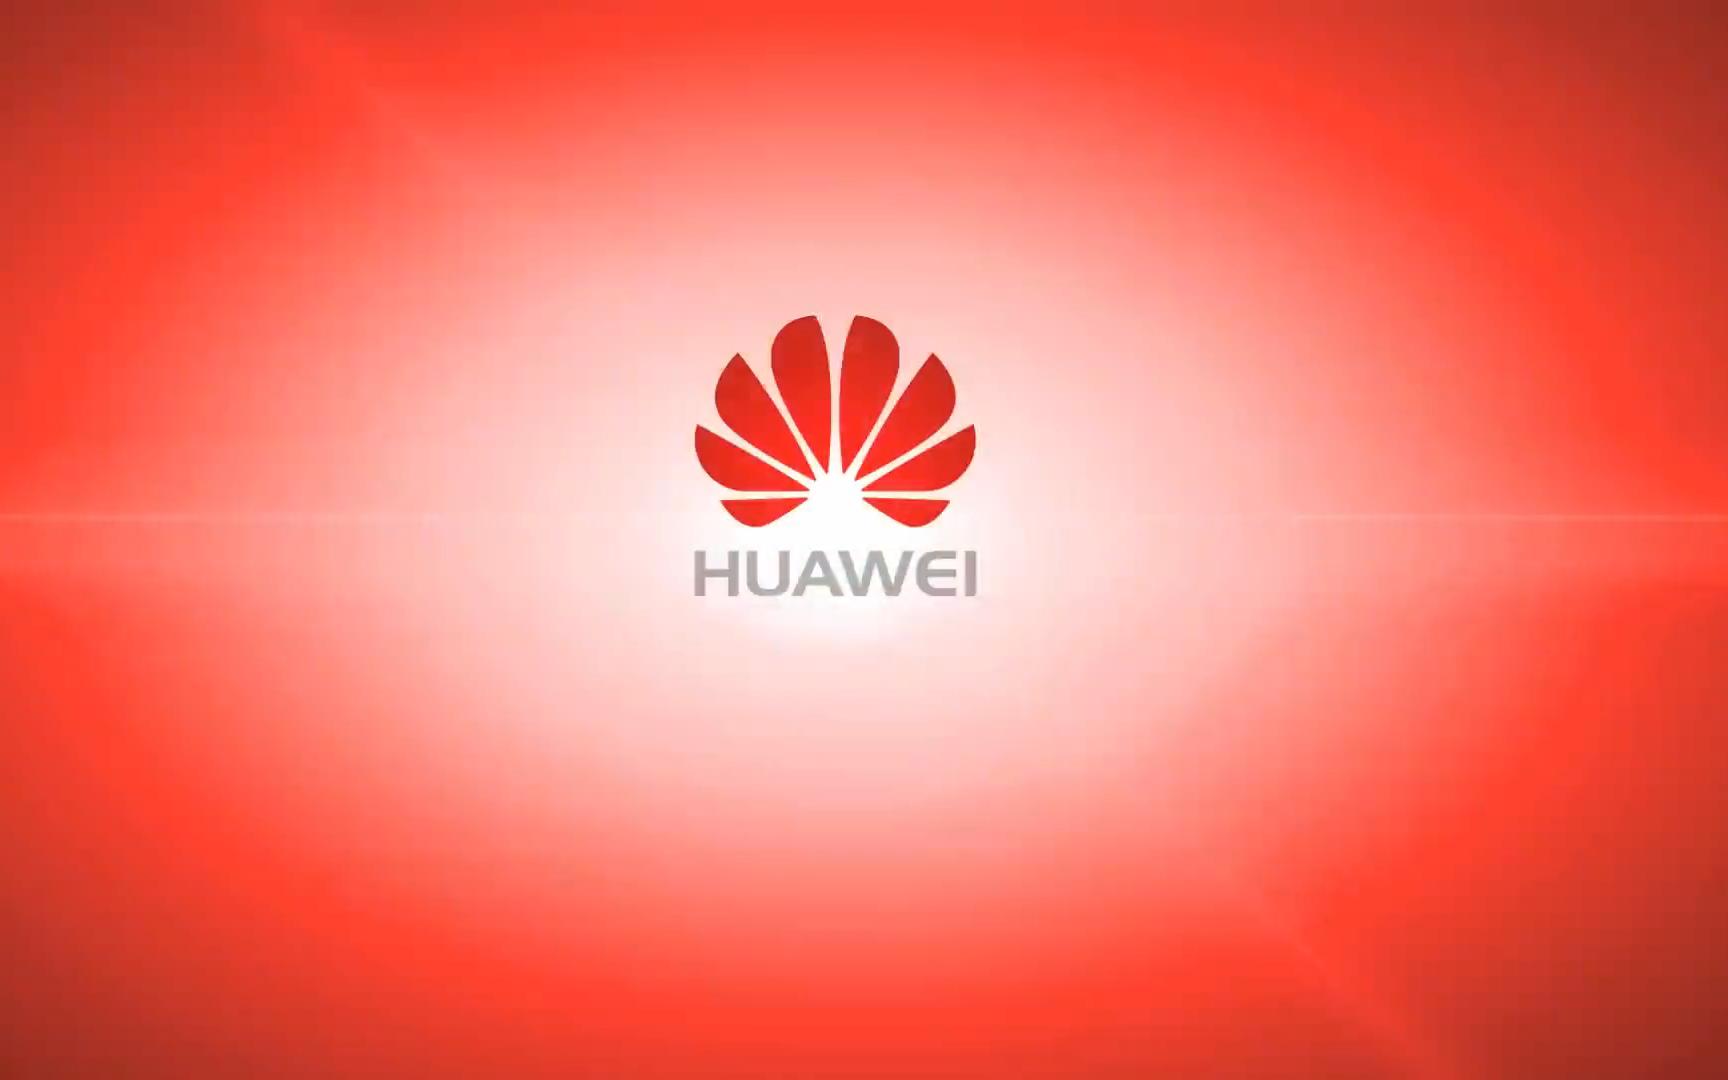 华为5G宣传片:《5G,携手创造新机遇》